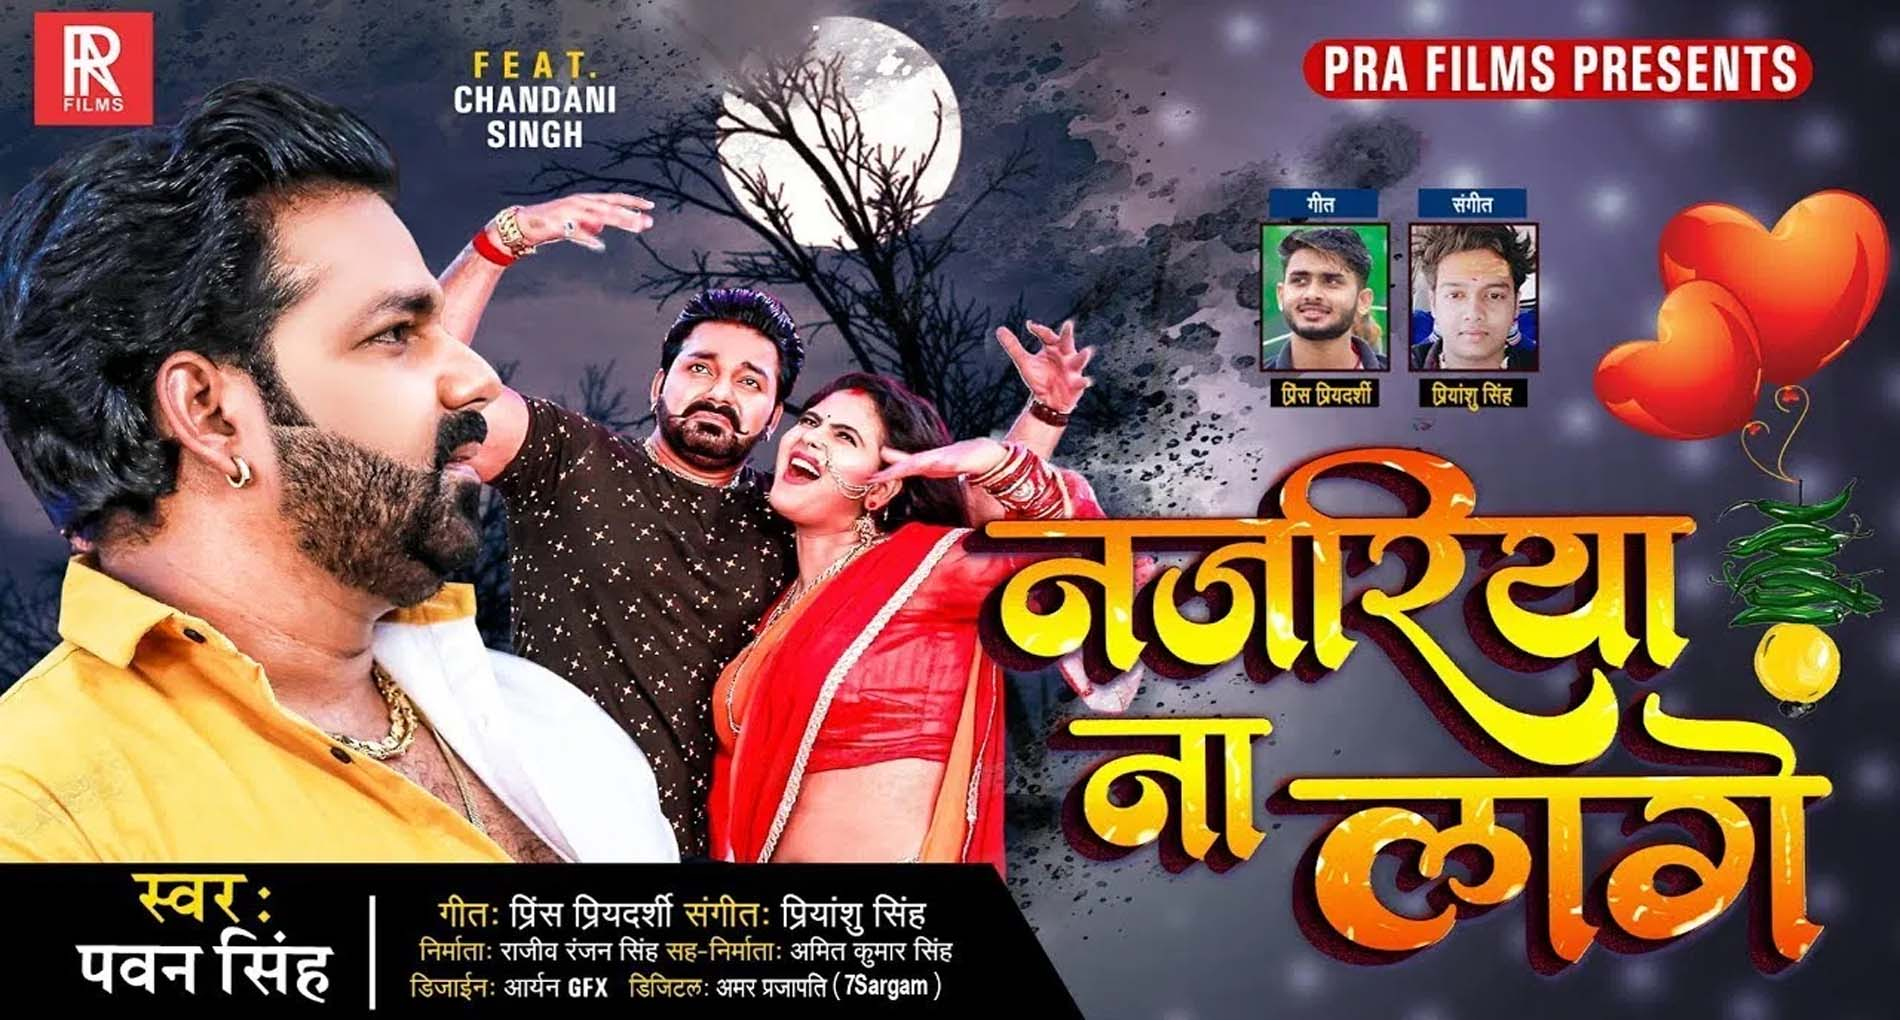 Pawan Singh Bhojpuri song: पवन सिंह के नए गाने 'नजरिया ना लागे' ने रिलीज के साथ ही मचाया धमाल!